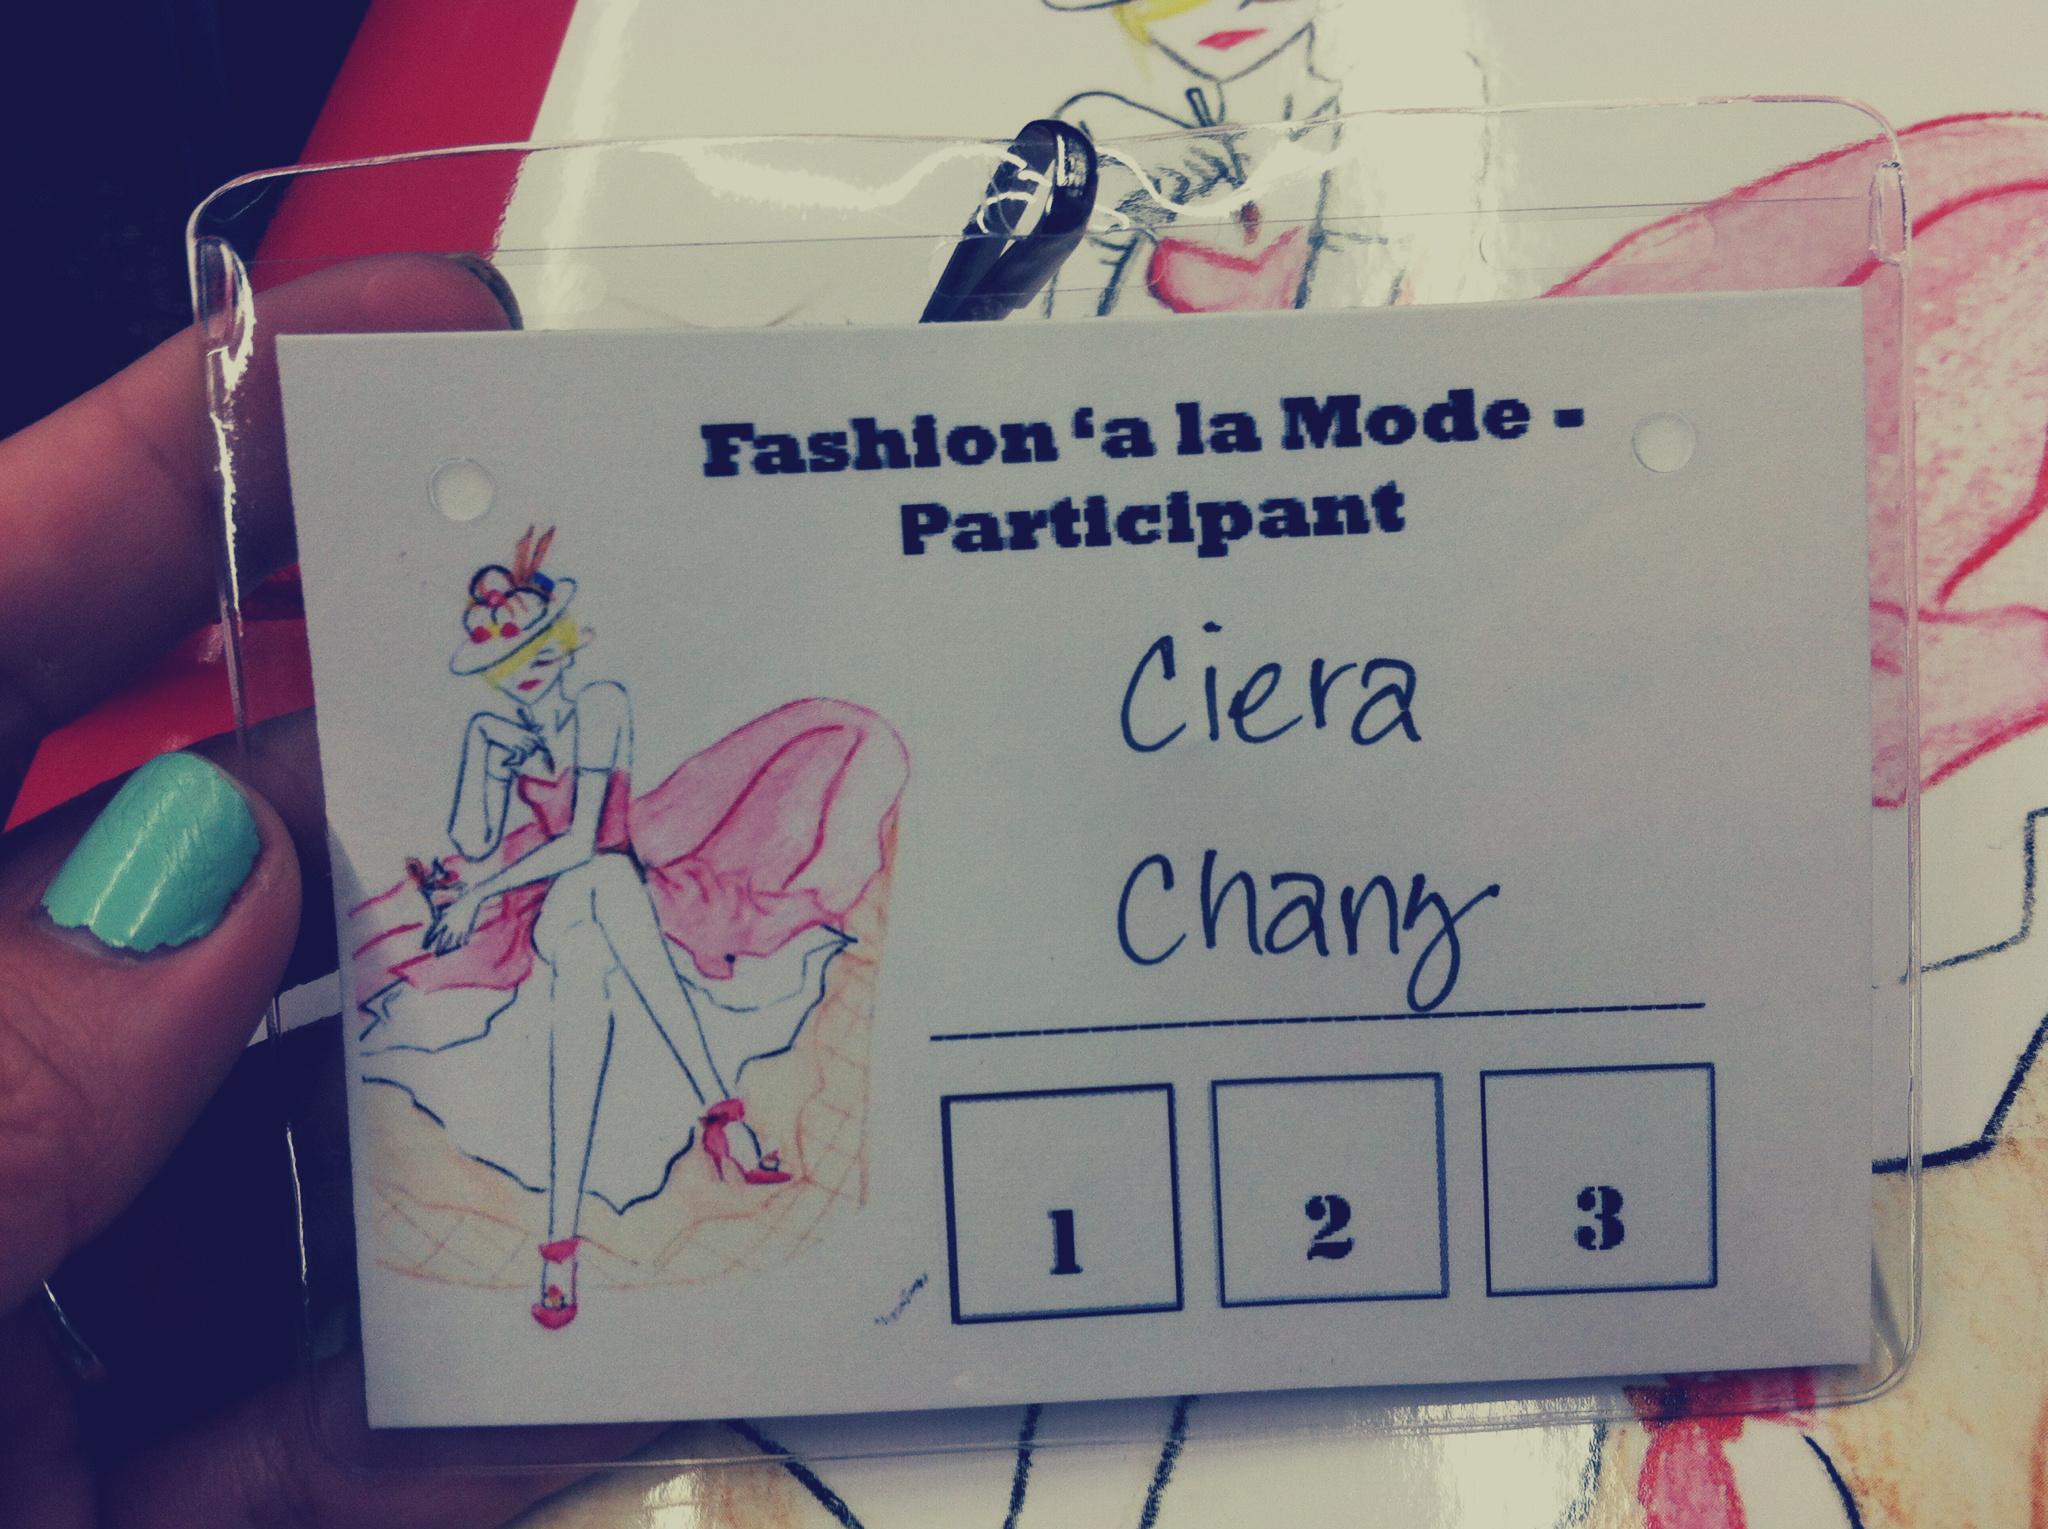 fashionalamodecard